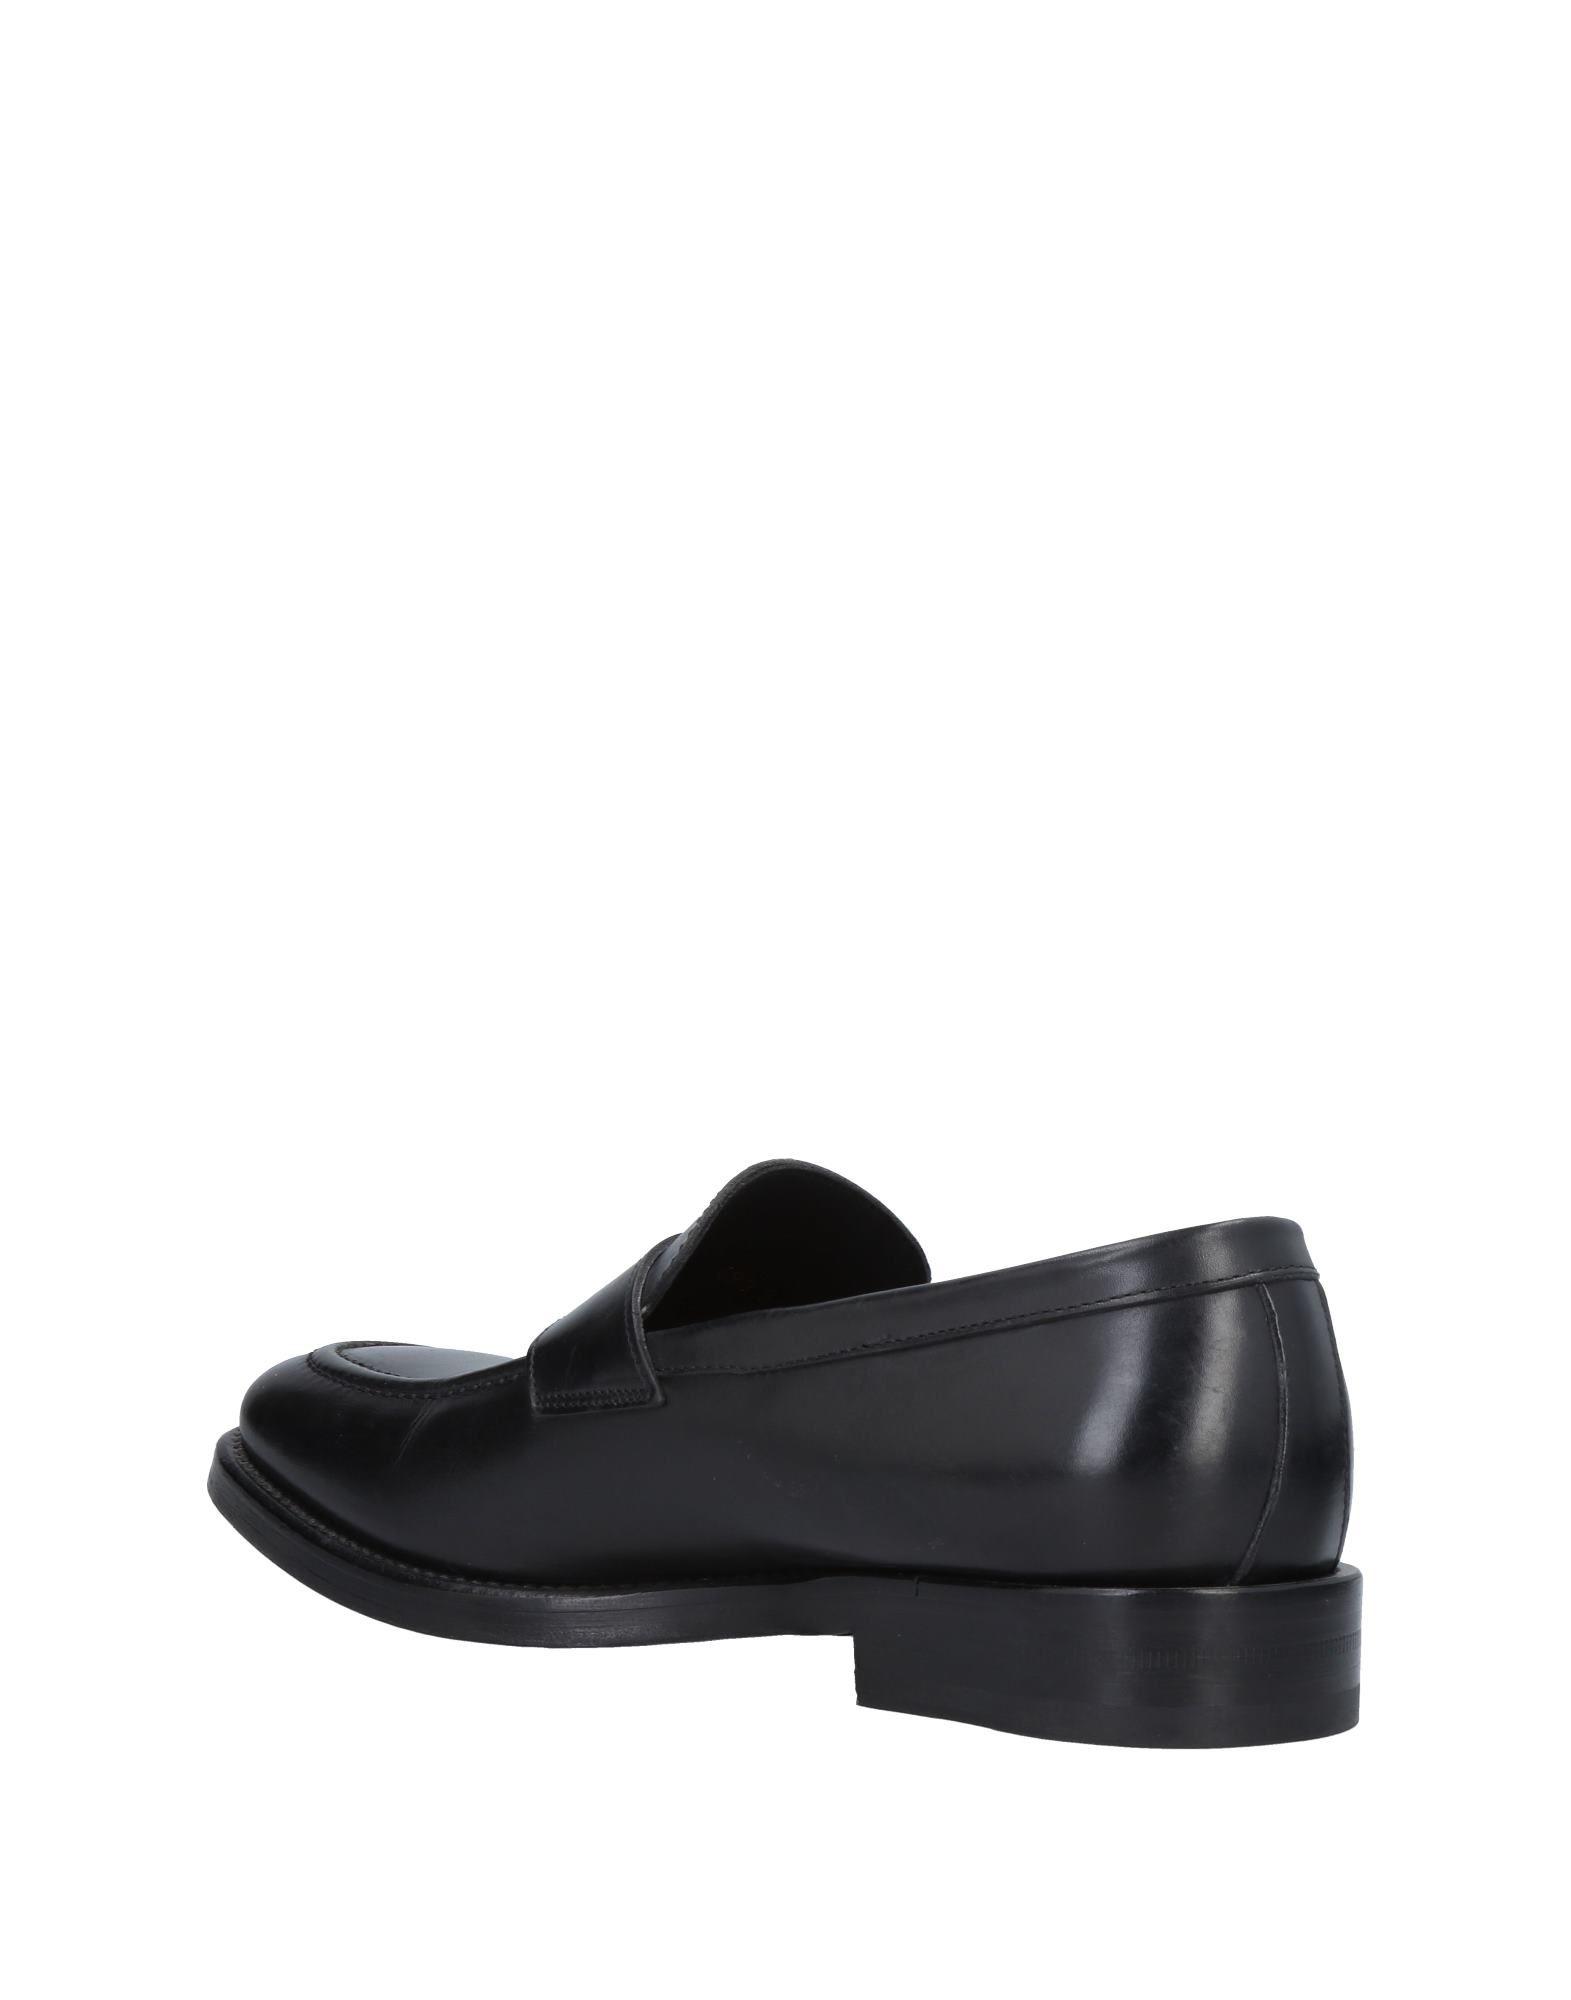 J.Wilton Mokassins Herren  11481064VP Schuhe Gute Qualität beliebte Schuhe 11481064VP 5e6f7a